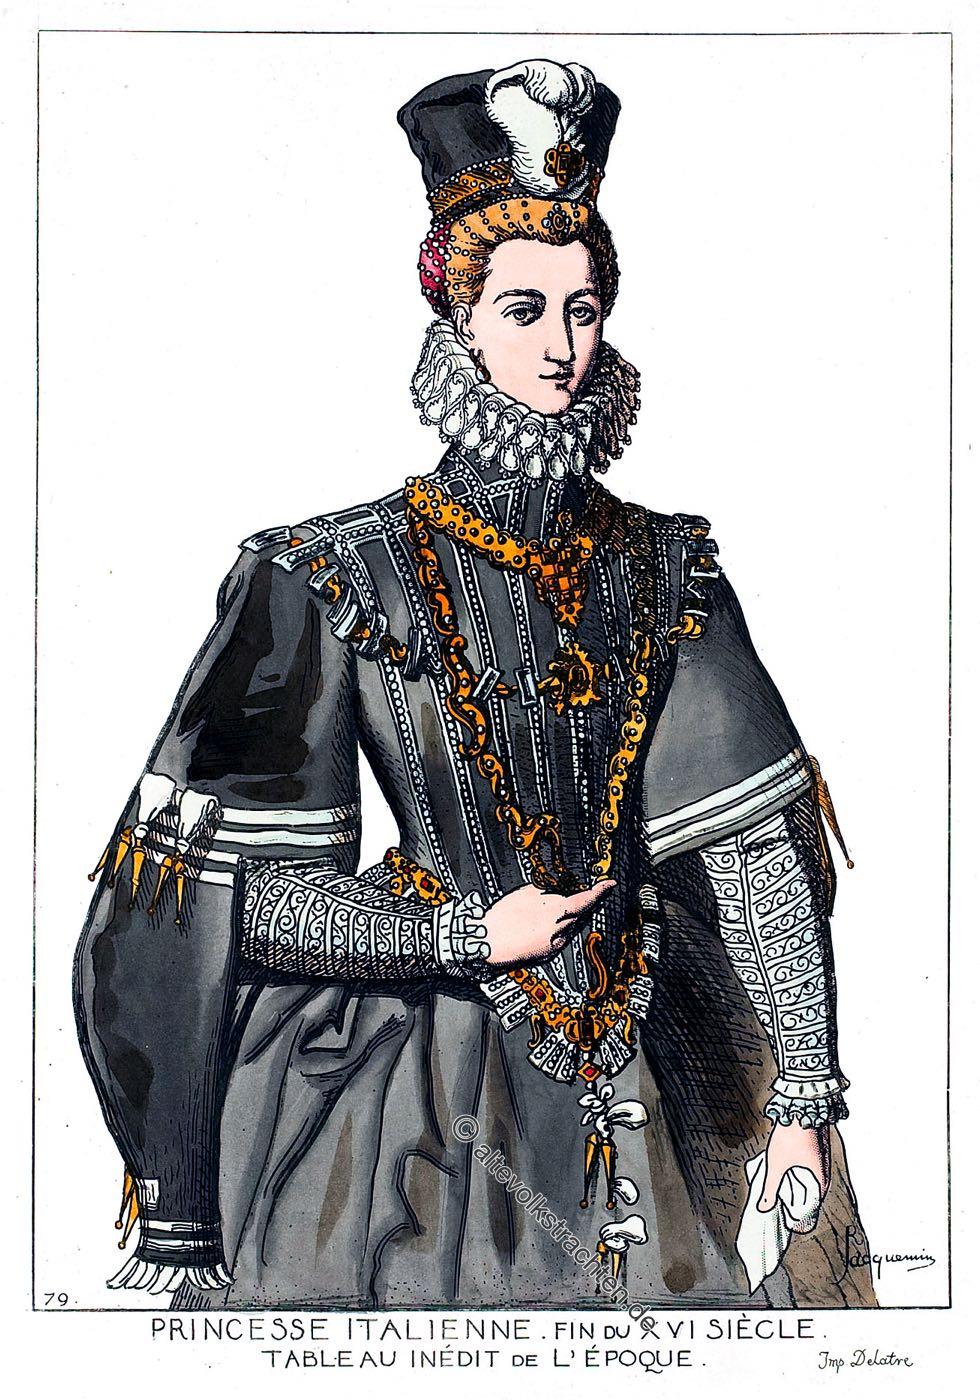 Spanische Hofmode, Italien, Renaissance, Kostüm, Modegeschichte